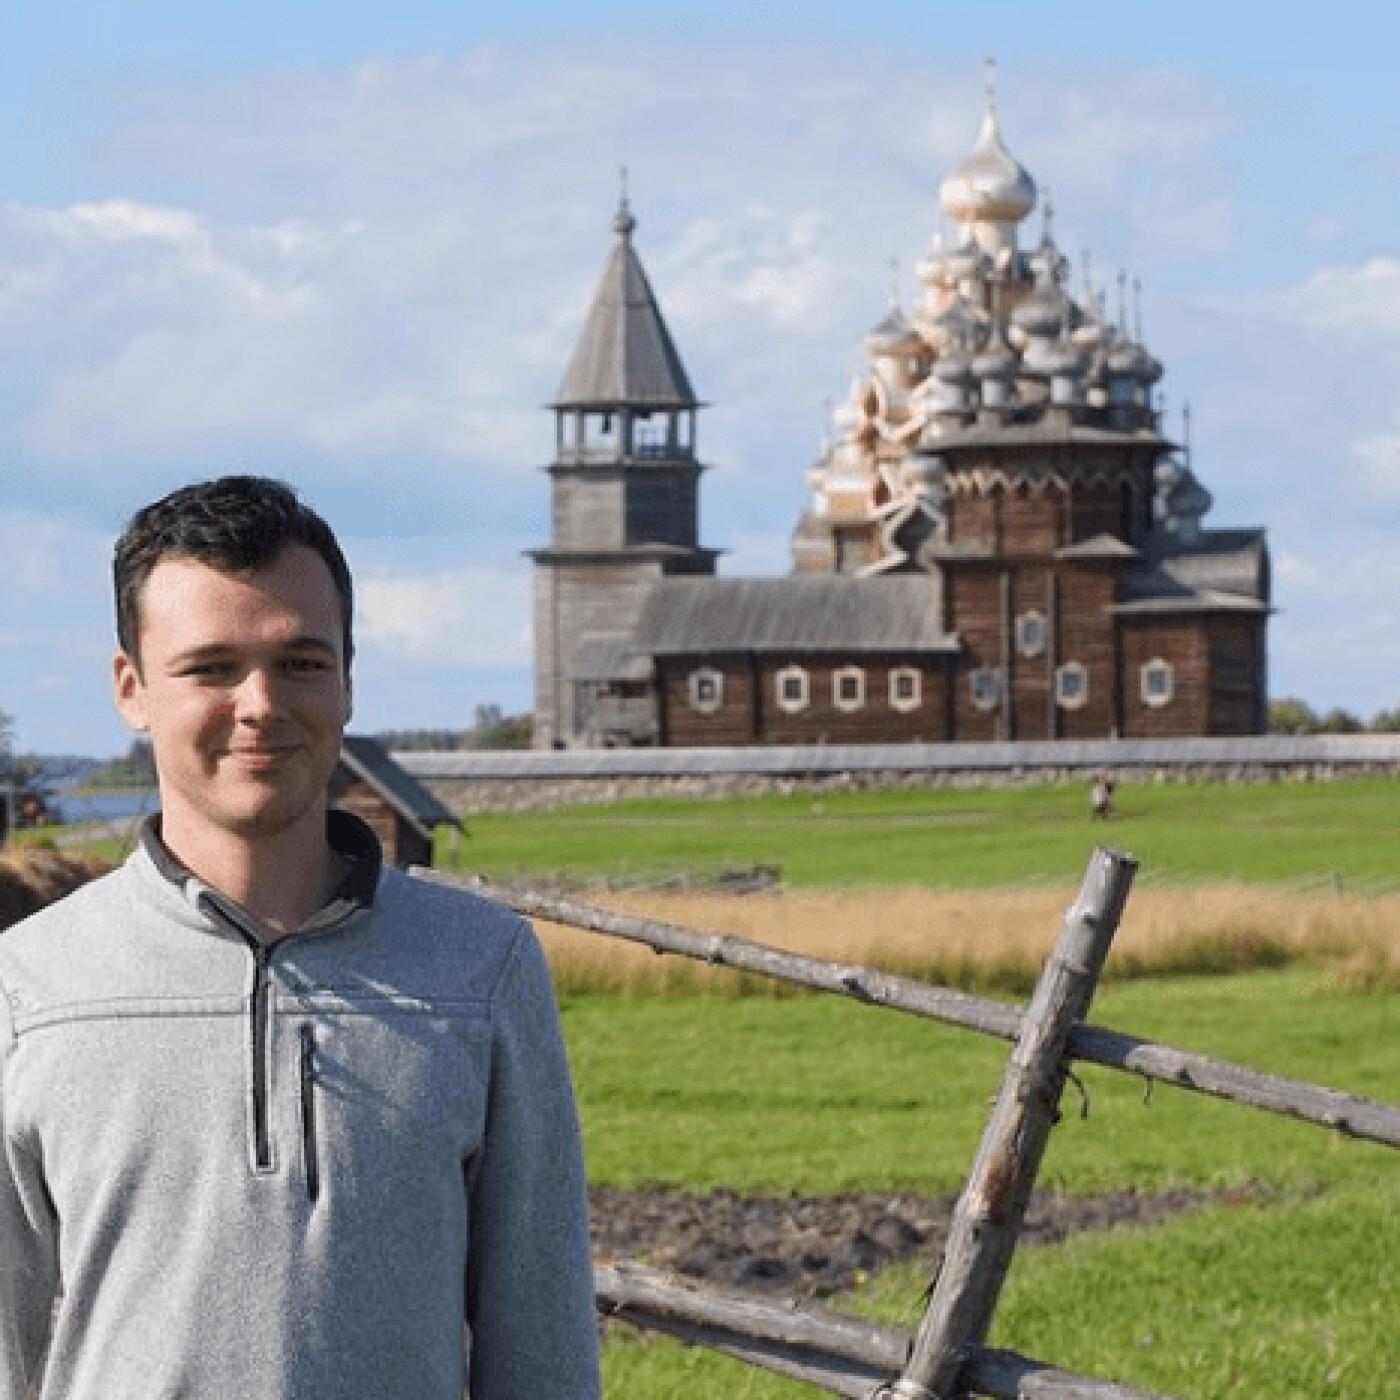 Julien parle des traditions qui different entre la France et la Russie - 29 03 2021 - StereoChic Radio